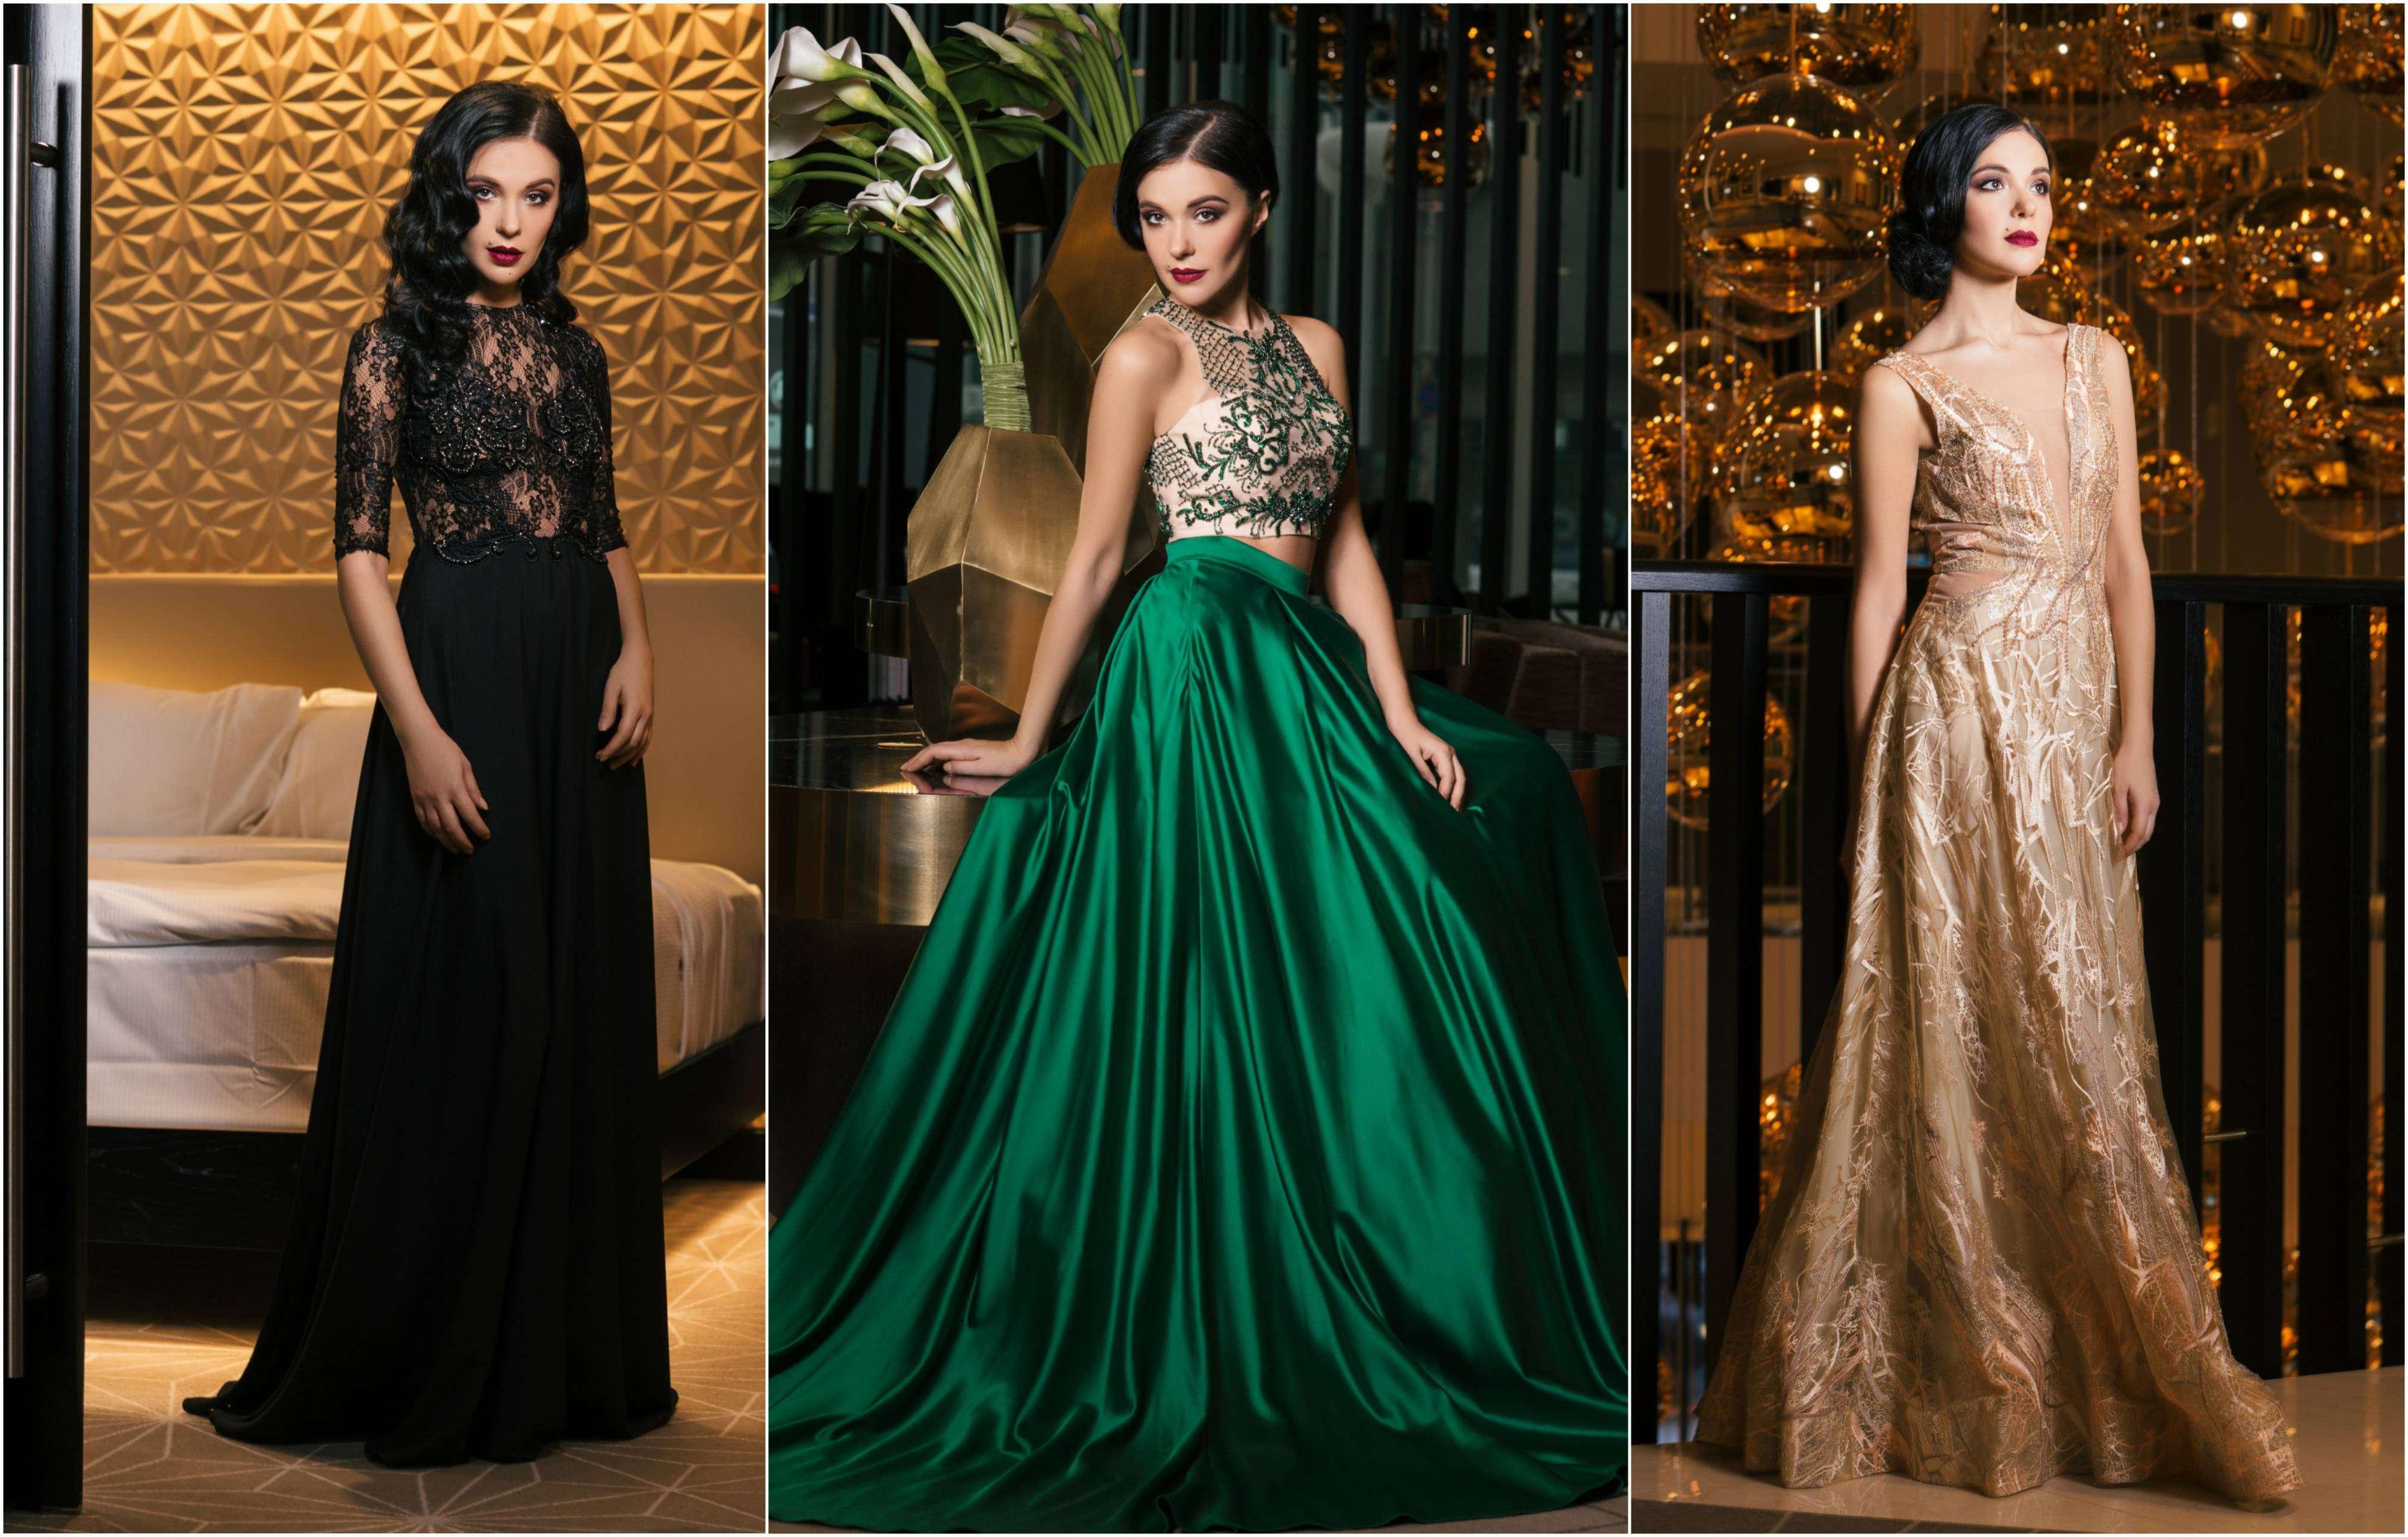 a6f84b070c3 Ливанский кутюр  роскошные вечерние платья в эстонском шоуруме ...